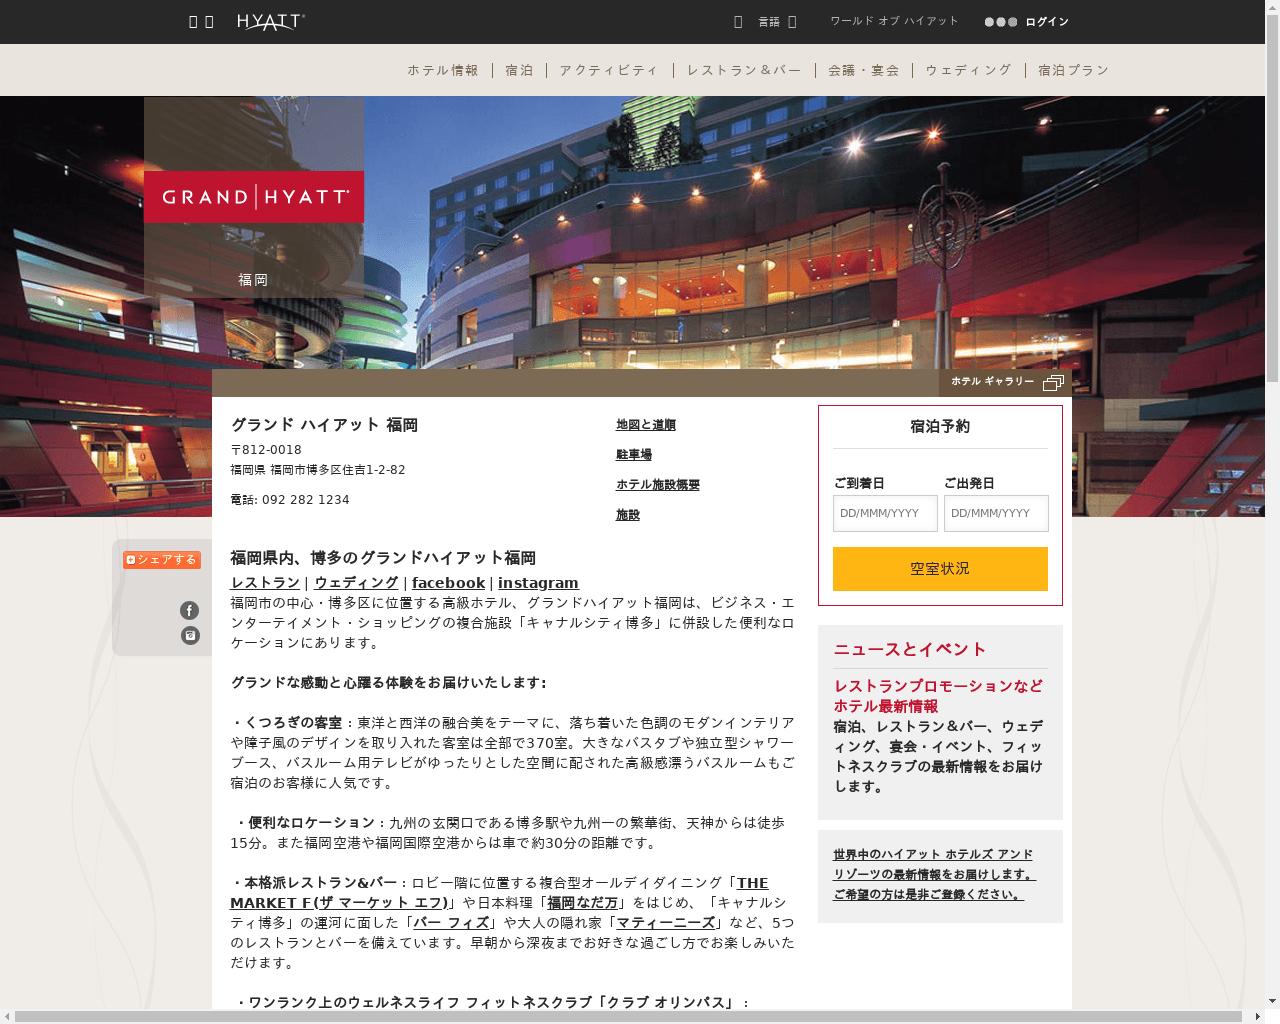 高級ホテル特集 グランド ハイアット 福岡